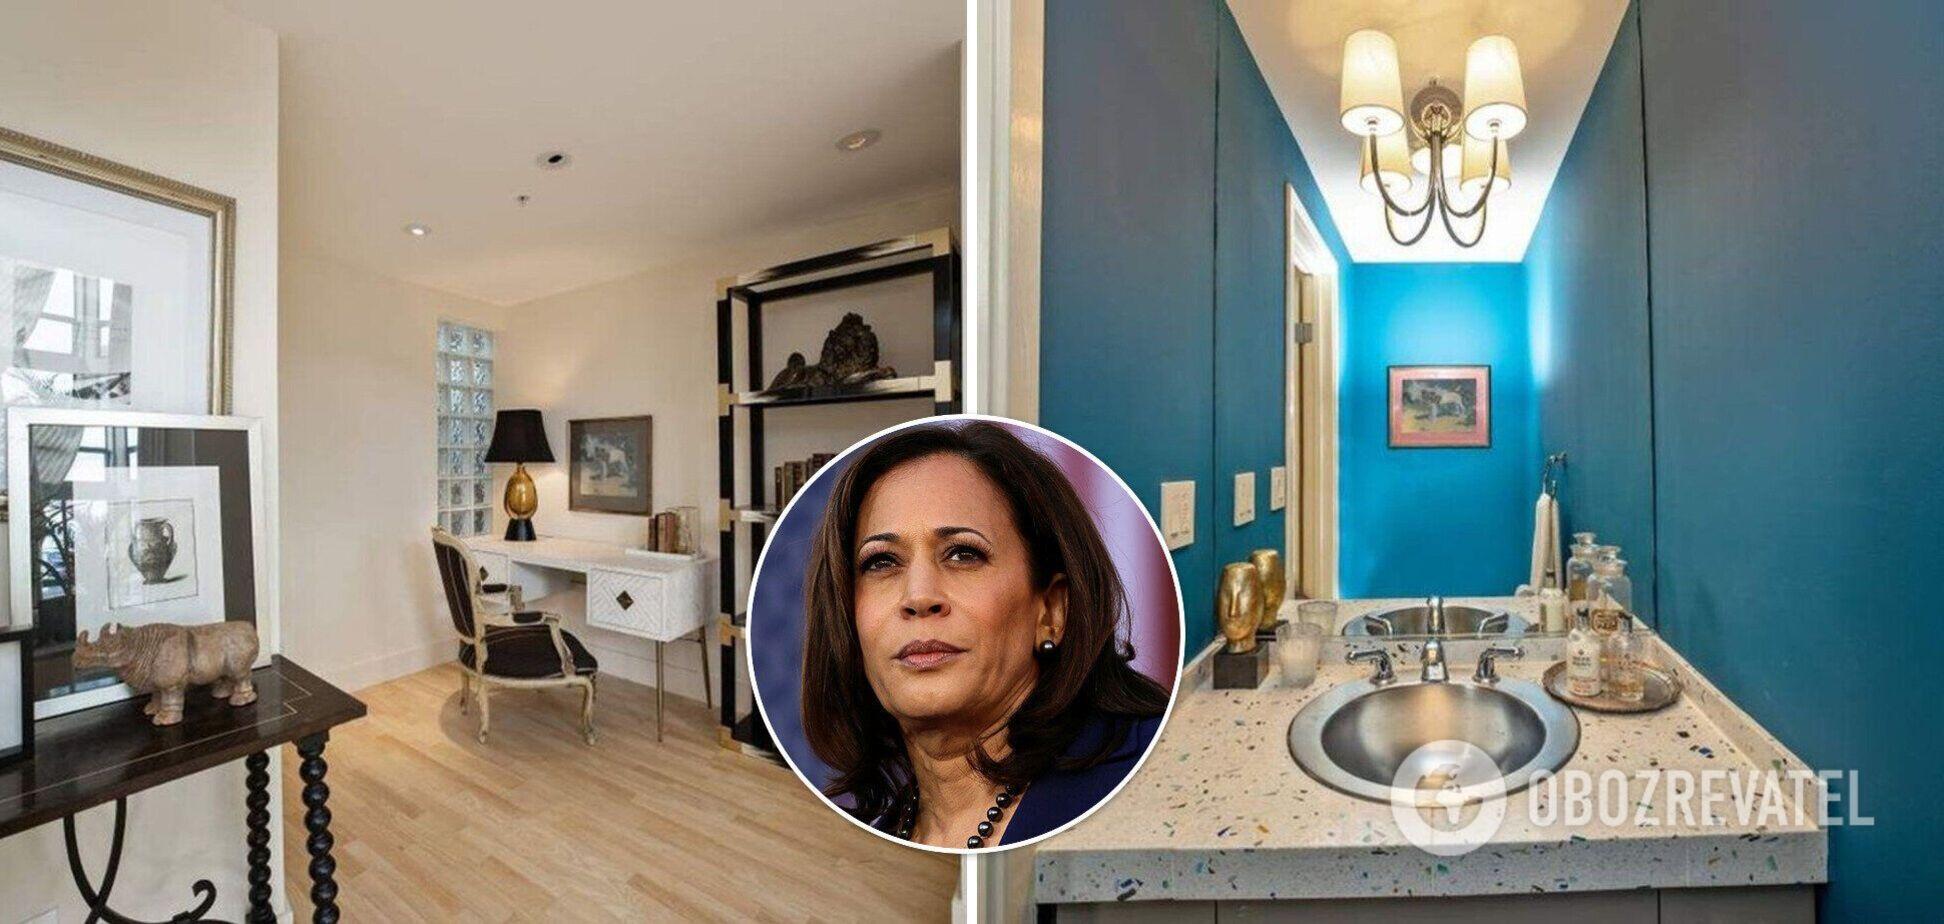 Камала Гарріс продала квартиру за $799 тисяч: як вона виглядає